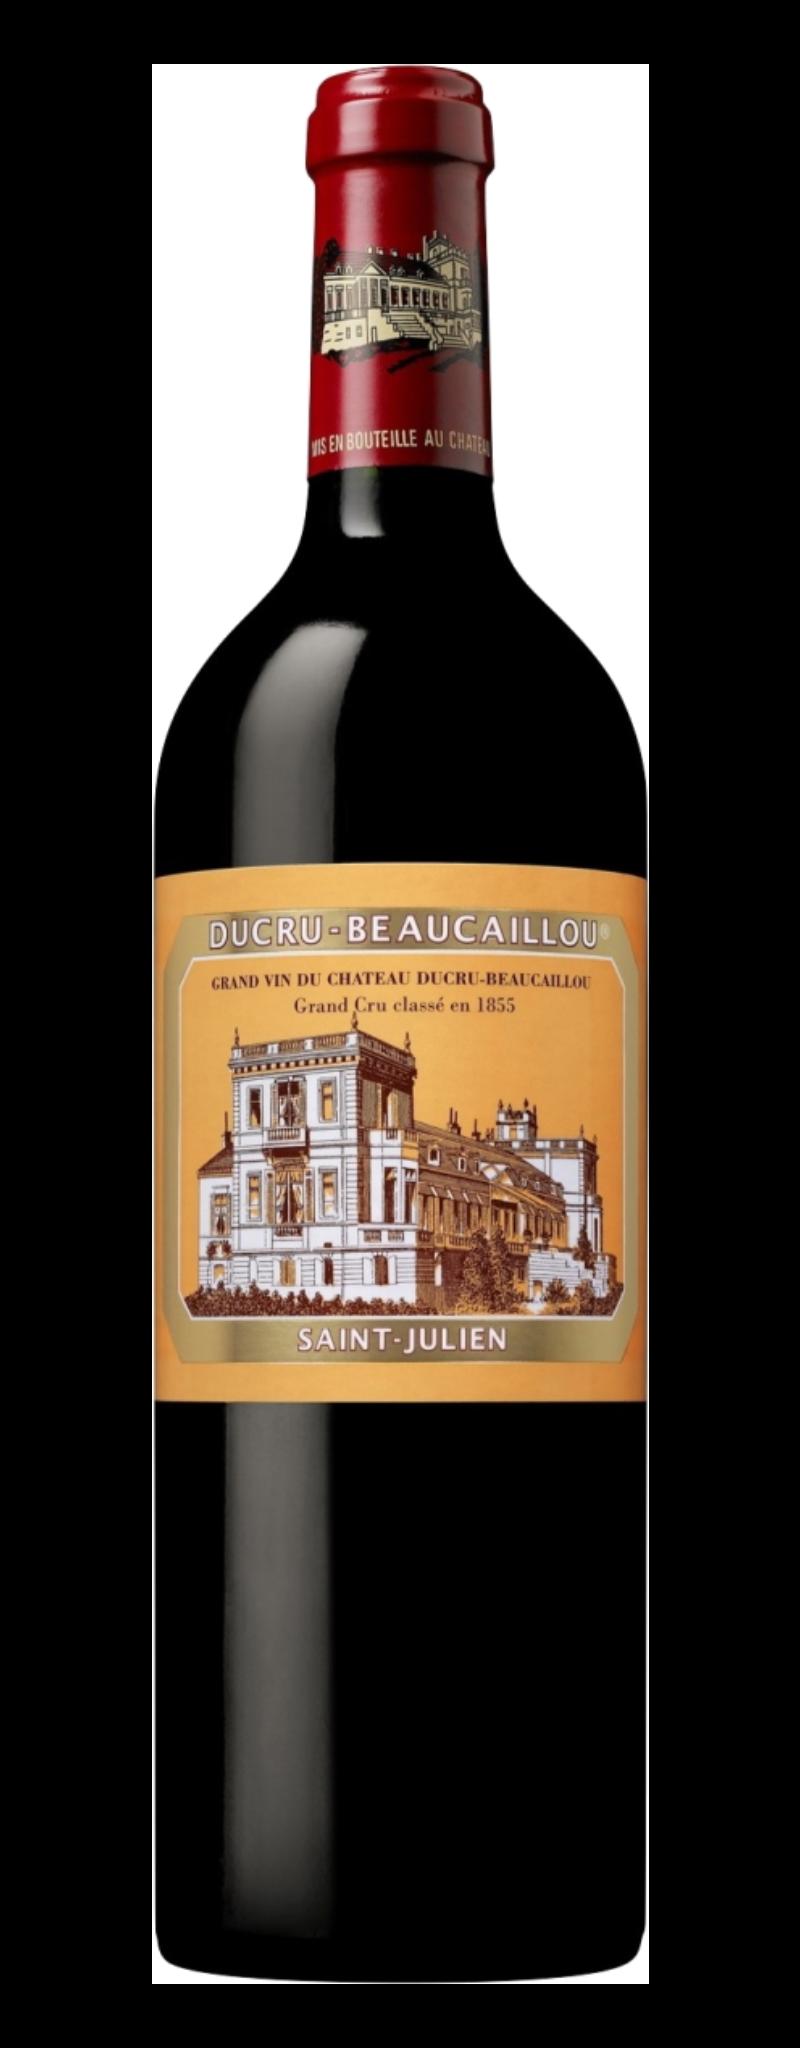 La Croix de Beaucaillou - Grand Cru Classé Saint Julien-2011  - 750ml